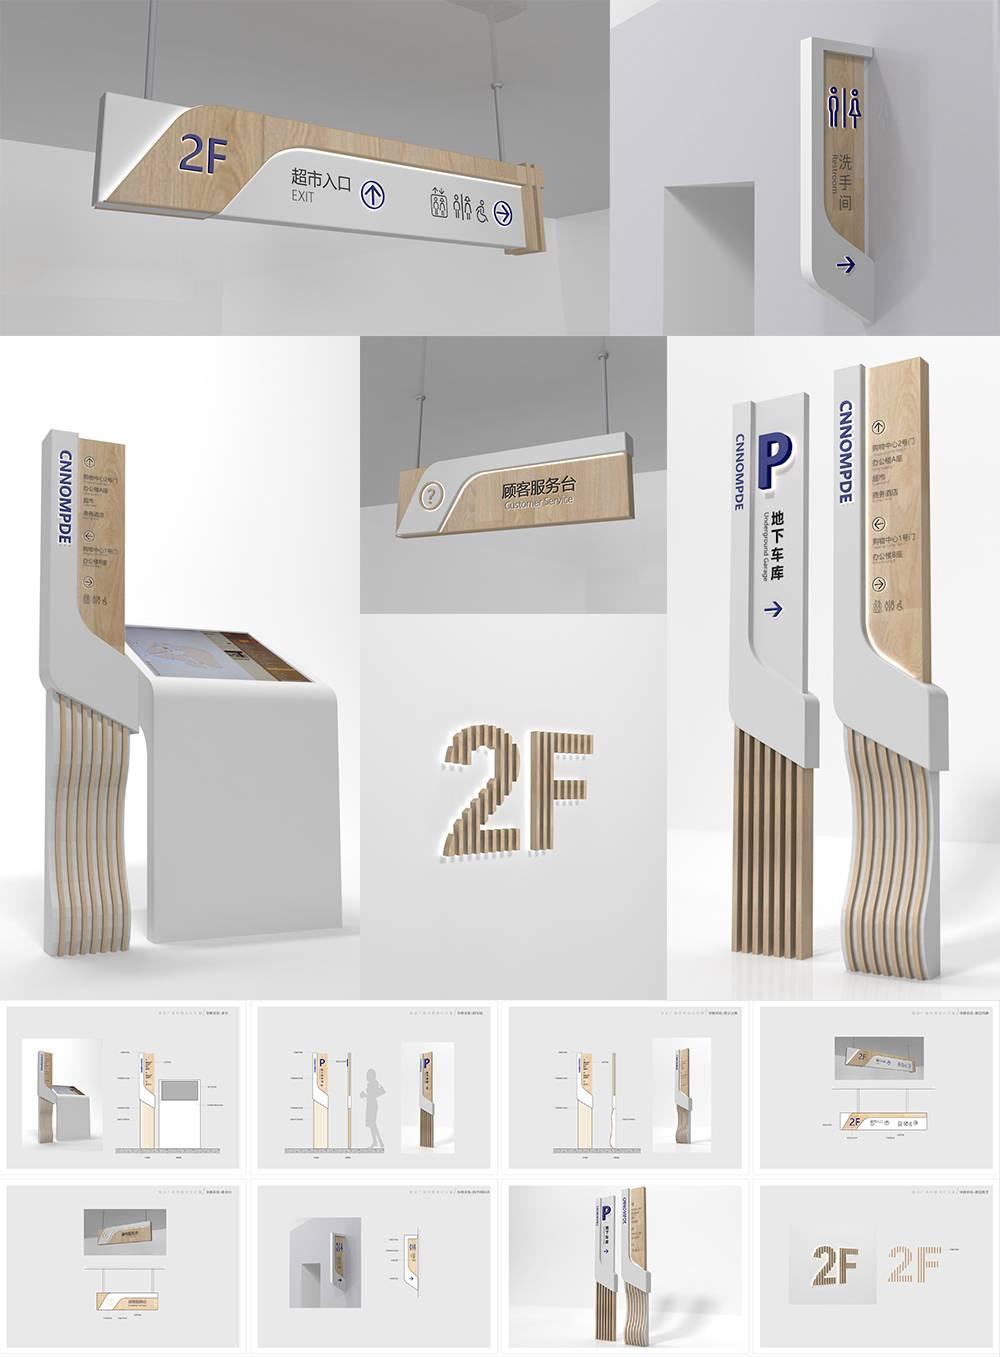 商场导视系统标识设计